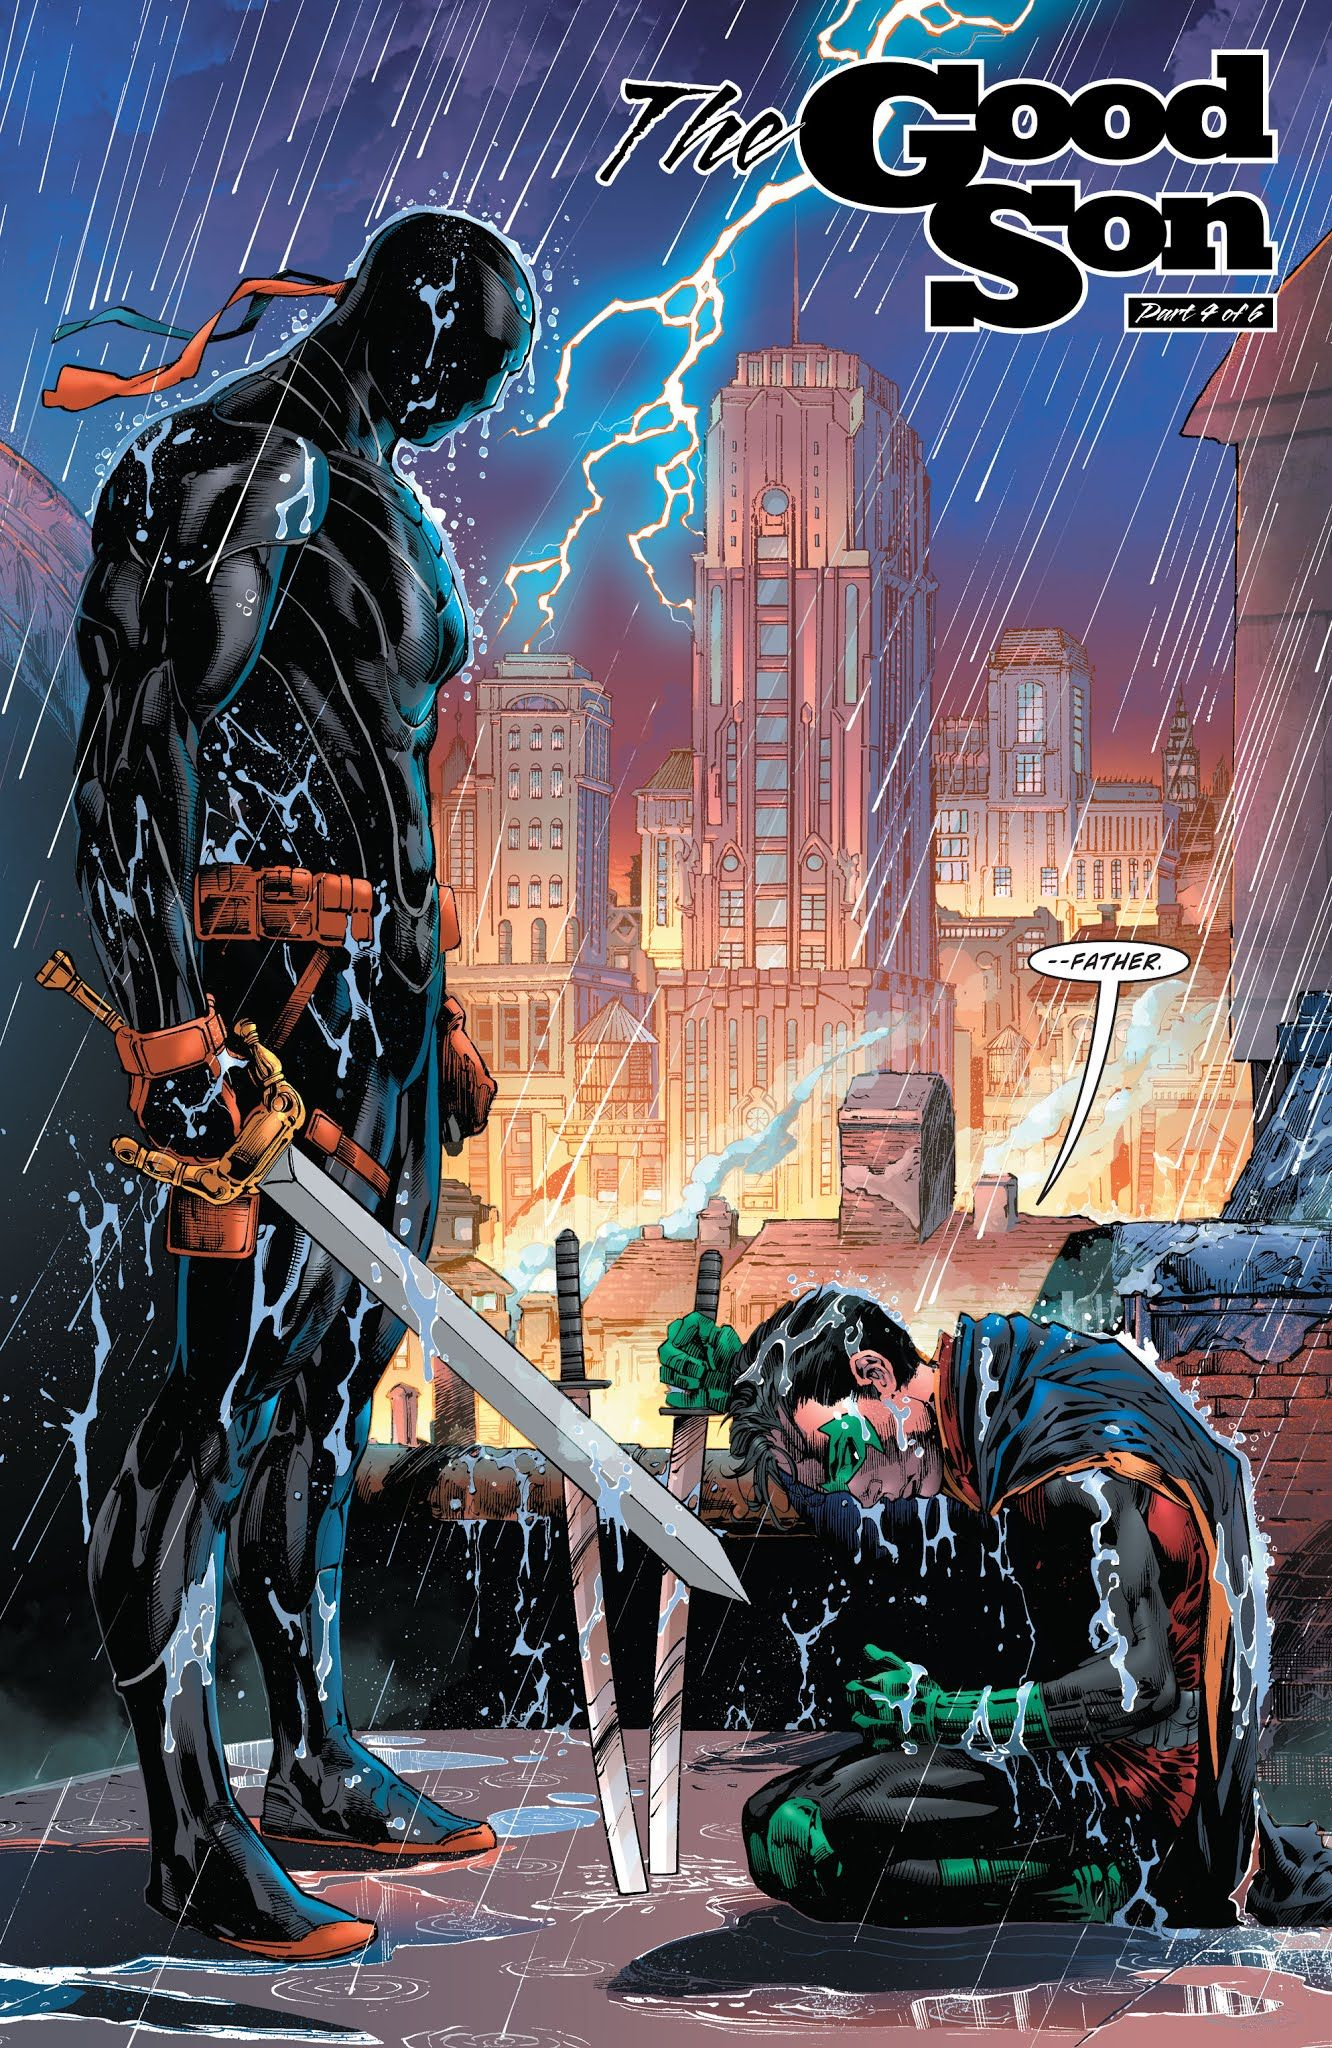 Deathstroke vol 4 #33 | Art by Ed Benes, Richard Friend & Dinei ...